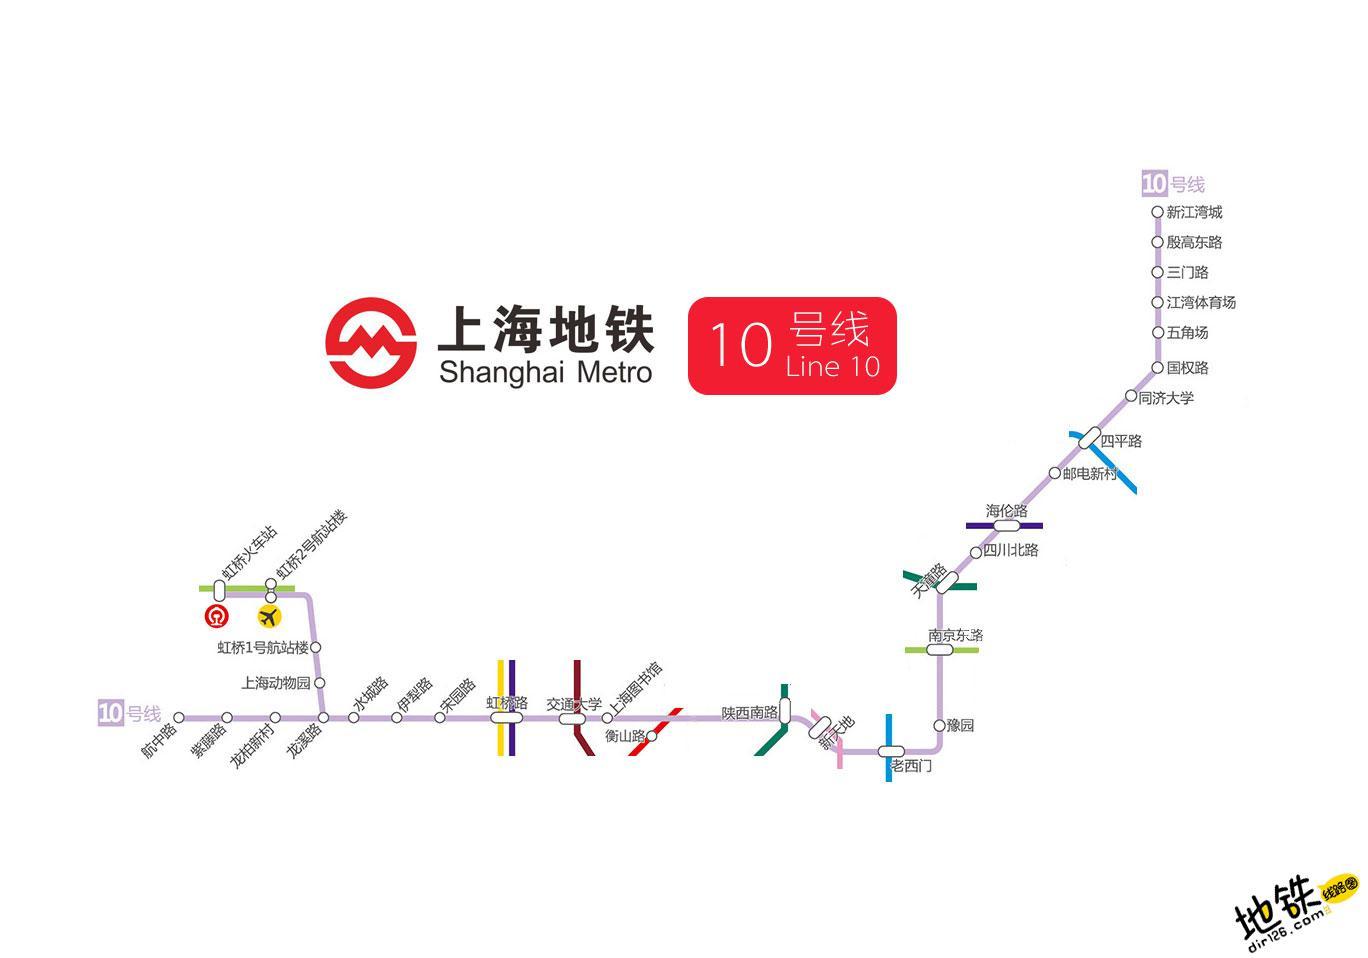 上海地铁10号线线路图 运营时间票价站点 查询下载 上海地铁10号线查询 上海地铁10号线运营时间 上海地铁10号线线路图 上海地铁10号线 上海地铁十号线 上海地铁线路图  第2张